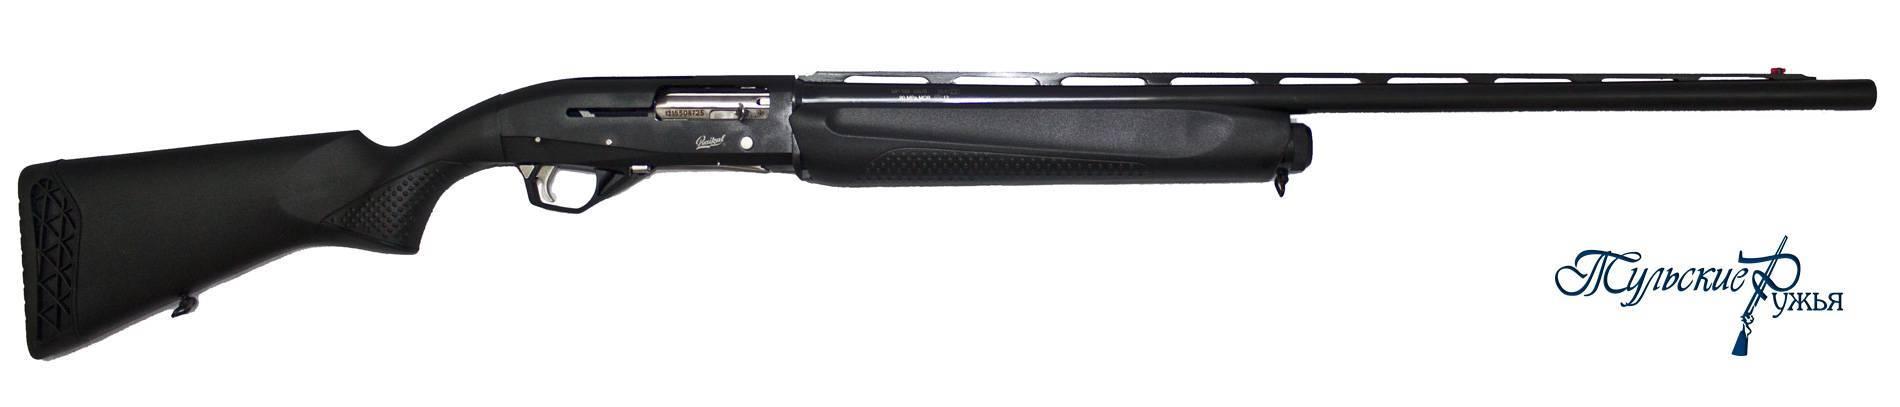 Для элиты? самозарядное ружьё мр-155 «профи»